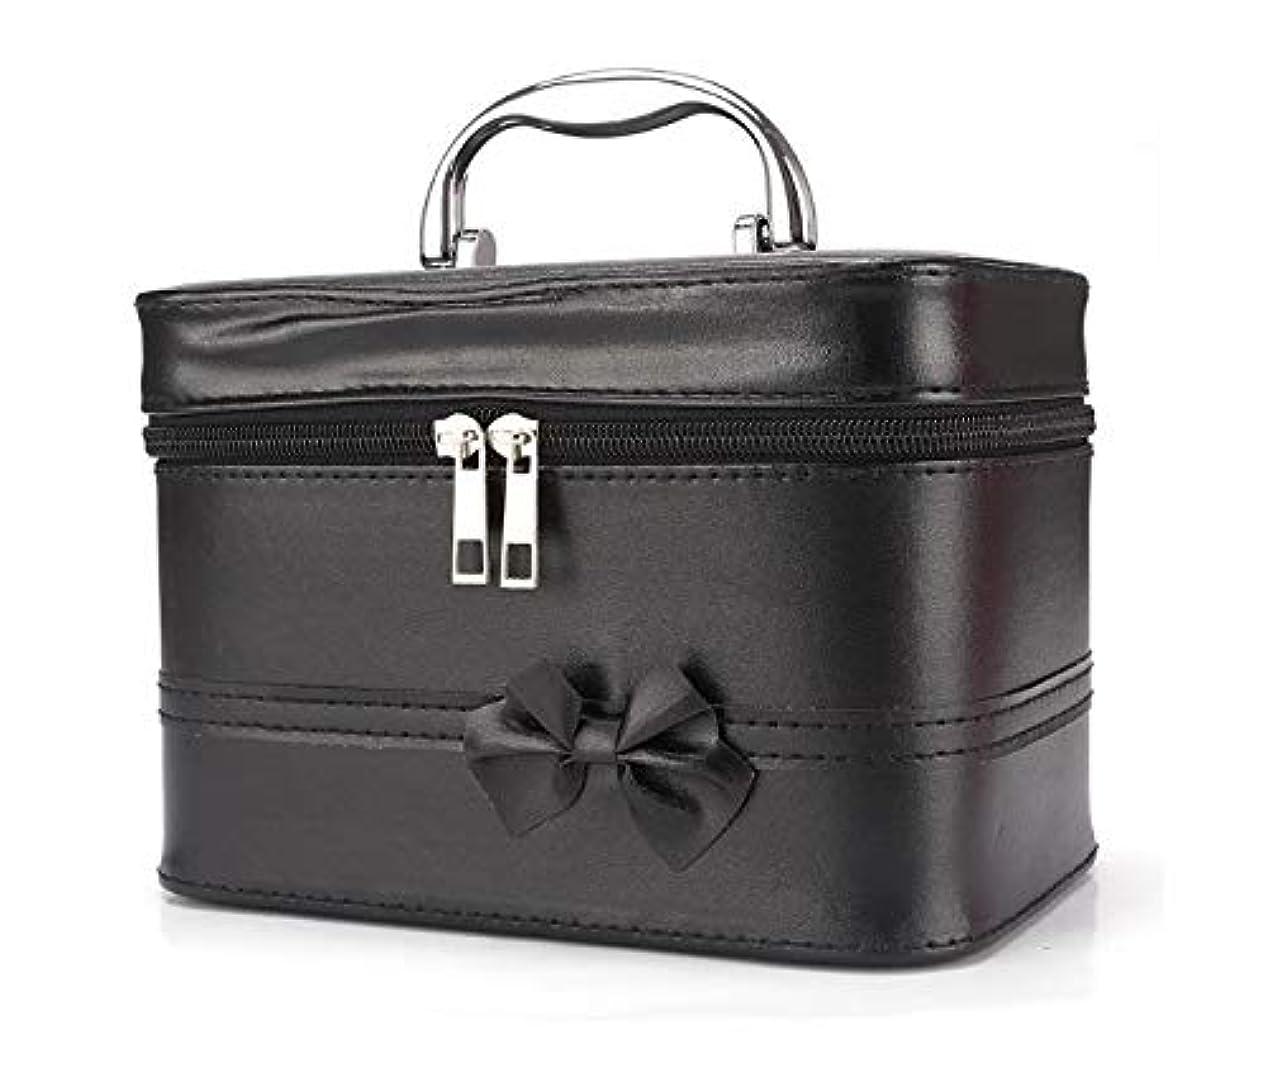 その後反発するクスクス化粧箱、弓スクエアポータブル化粧品袋、ポータブルポータブル旅行化粧品ケース、美容ネイルジュエリー収納ボックス (Color : ブラック)